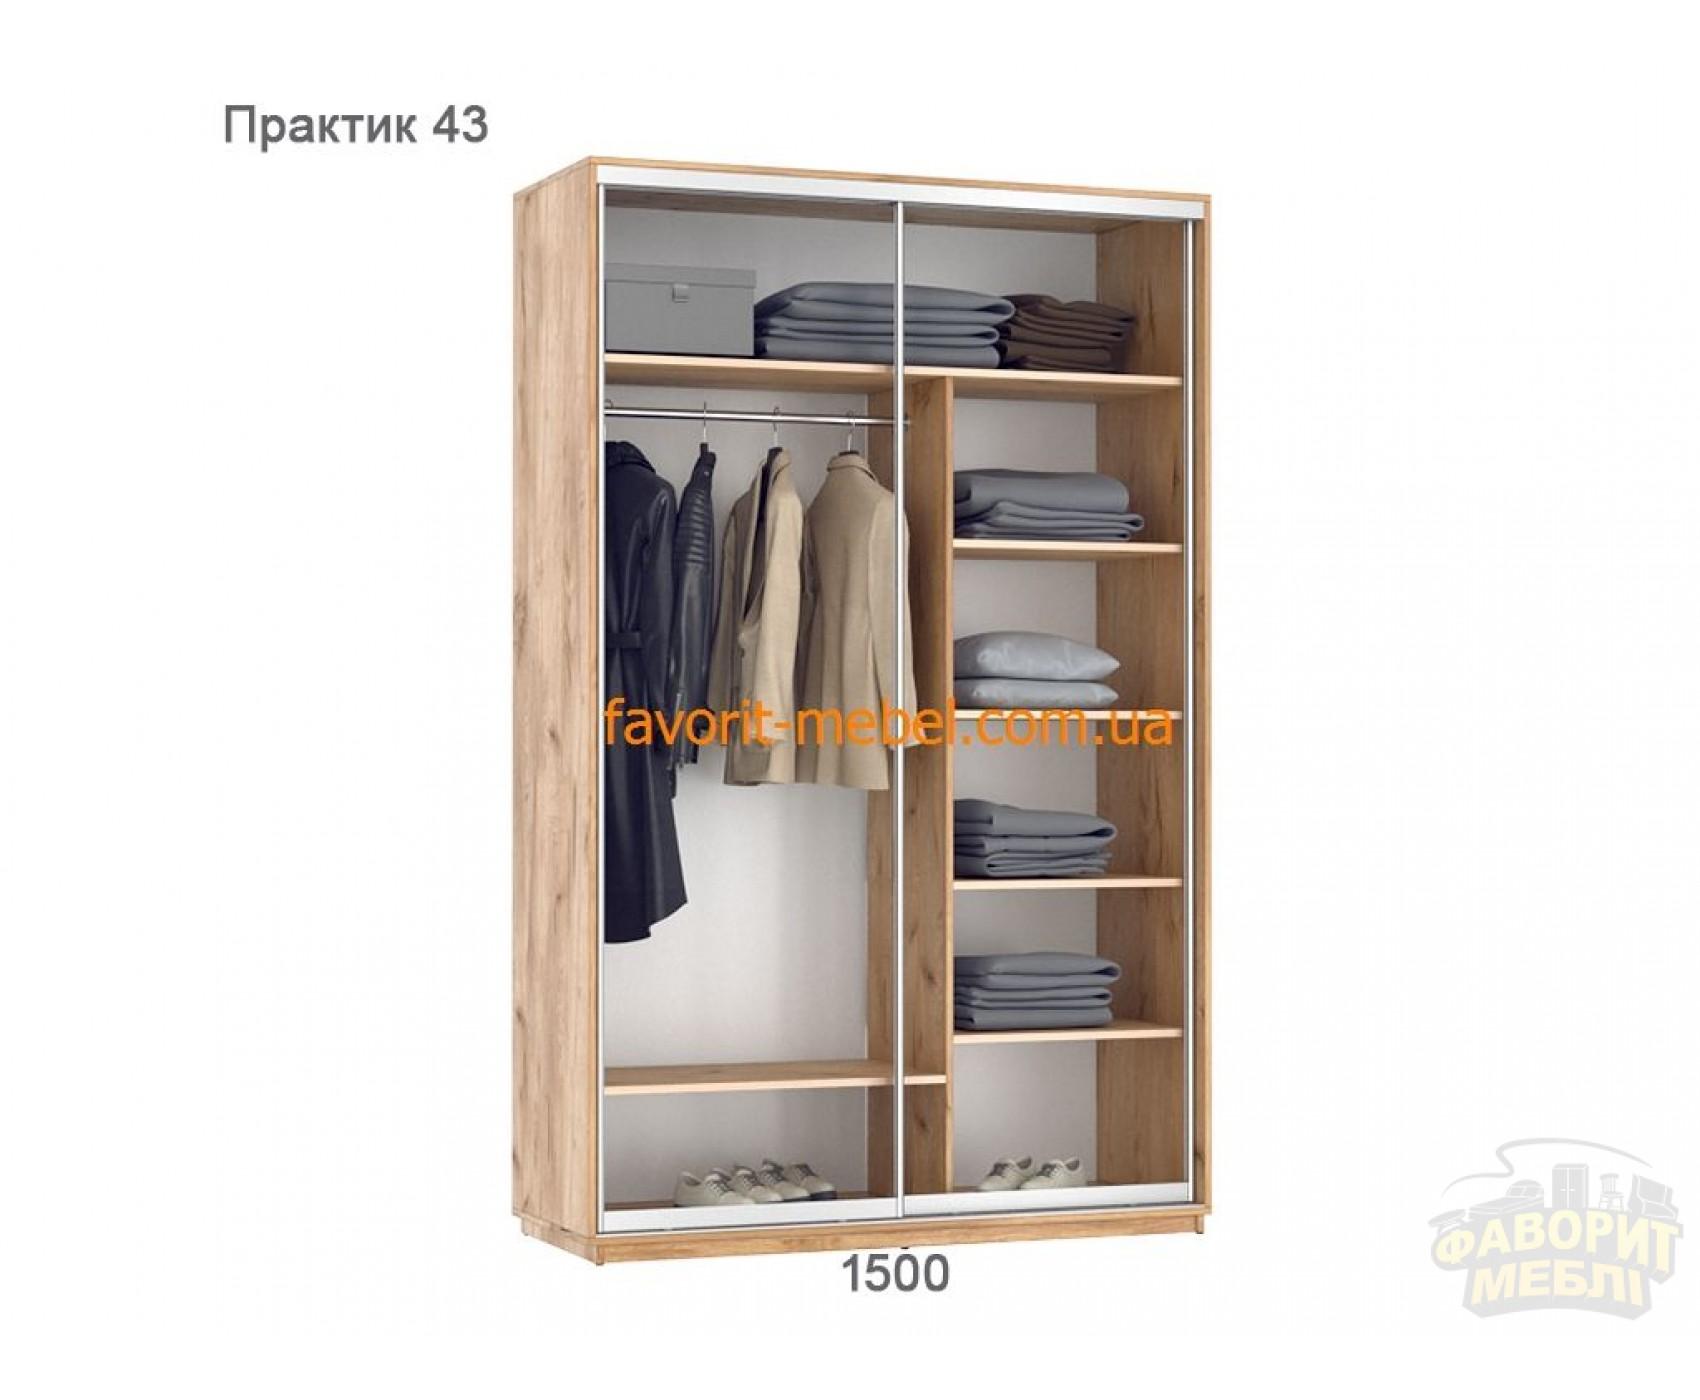 Шкаф купе Практик 43 (150х60х240 см)